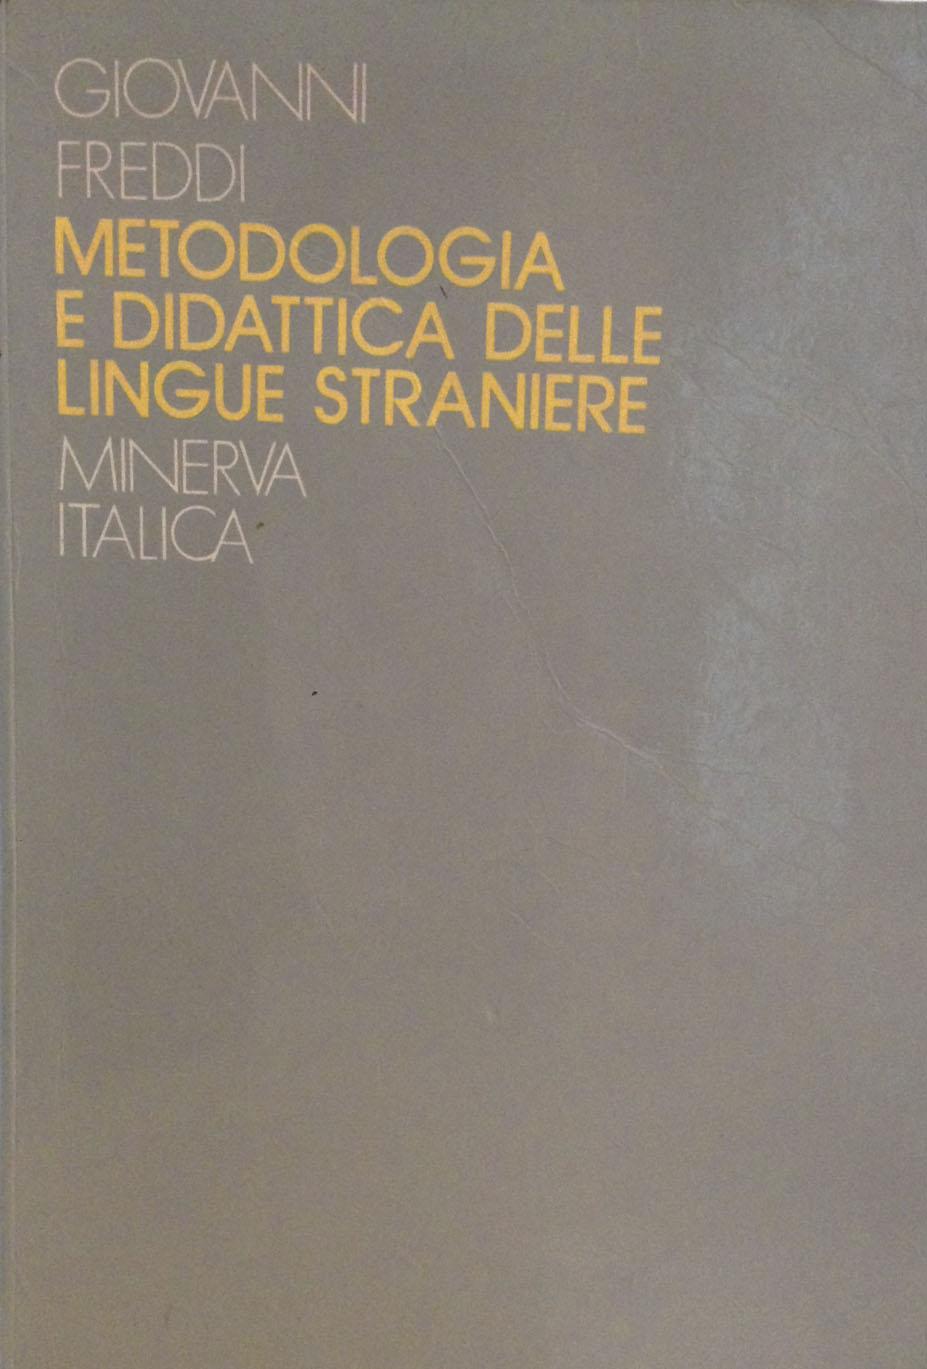 Metodologia e didattica delle lingue straniere